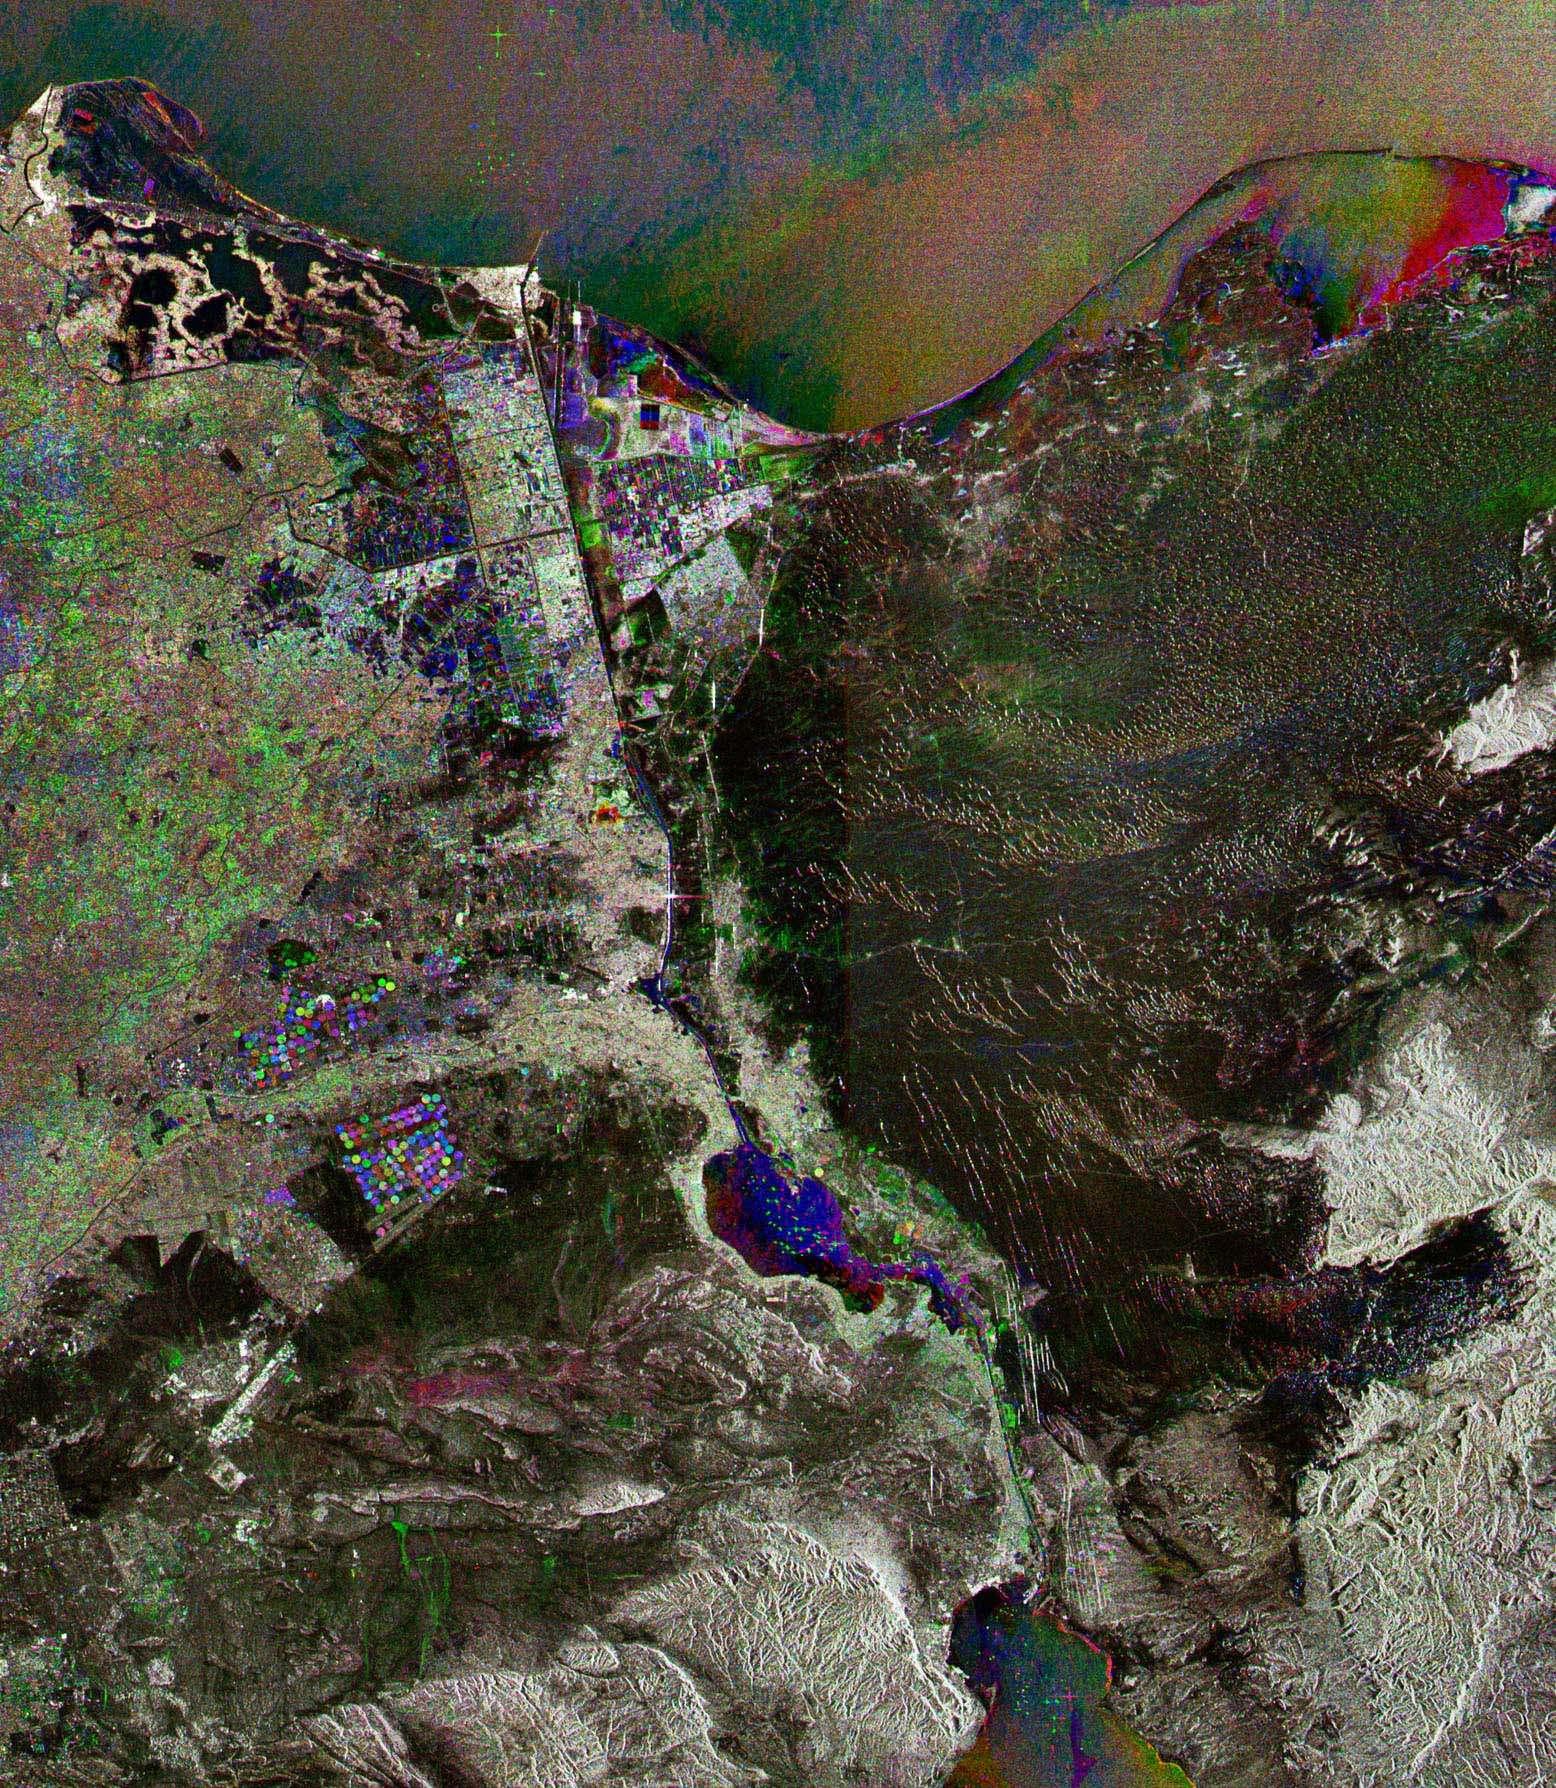 Cette image radar acquise par Envisat montre le Canal de Suez, l'une des voies de navigation les plus importantes du monde, au nord-est de l'Egypte. Le canal connecte la Mer Rouge (dont une petite partie est visible en bas de l'image) avec la Mer Méditerranée (en haut), reliant cette dernière directement à l'Océan Indien.